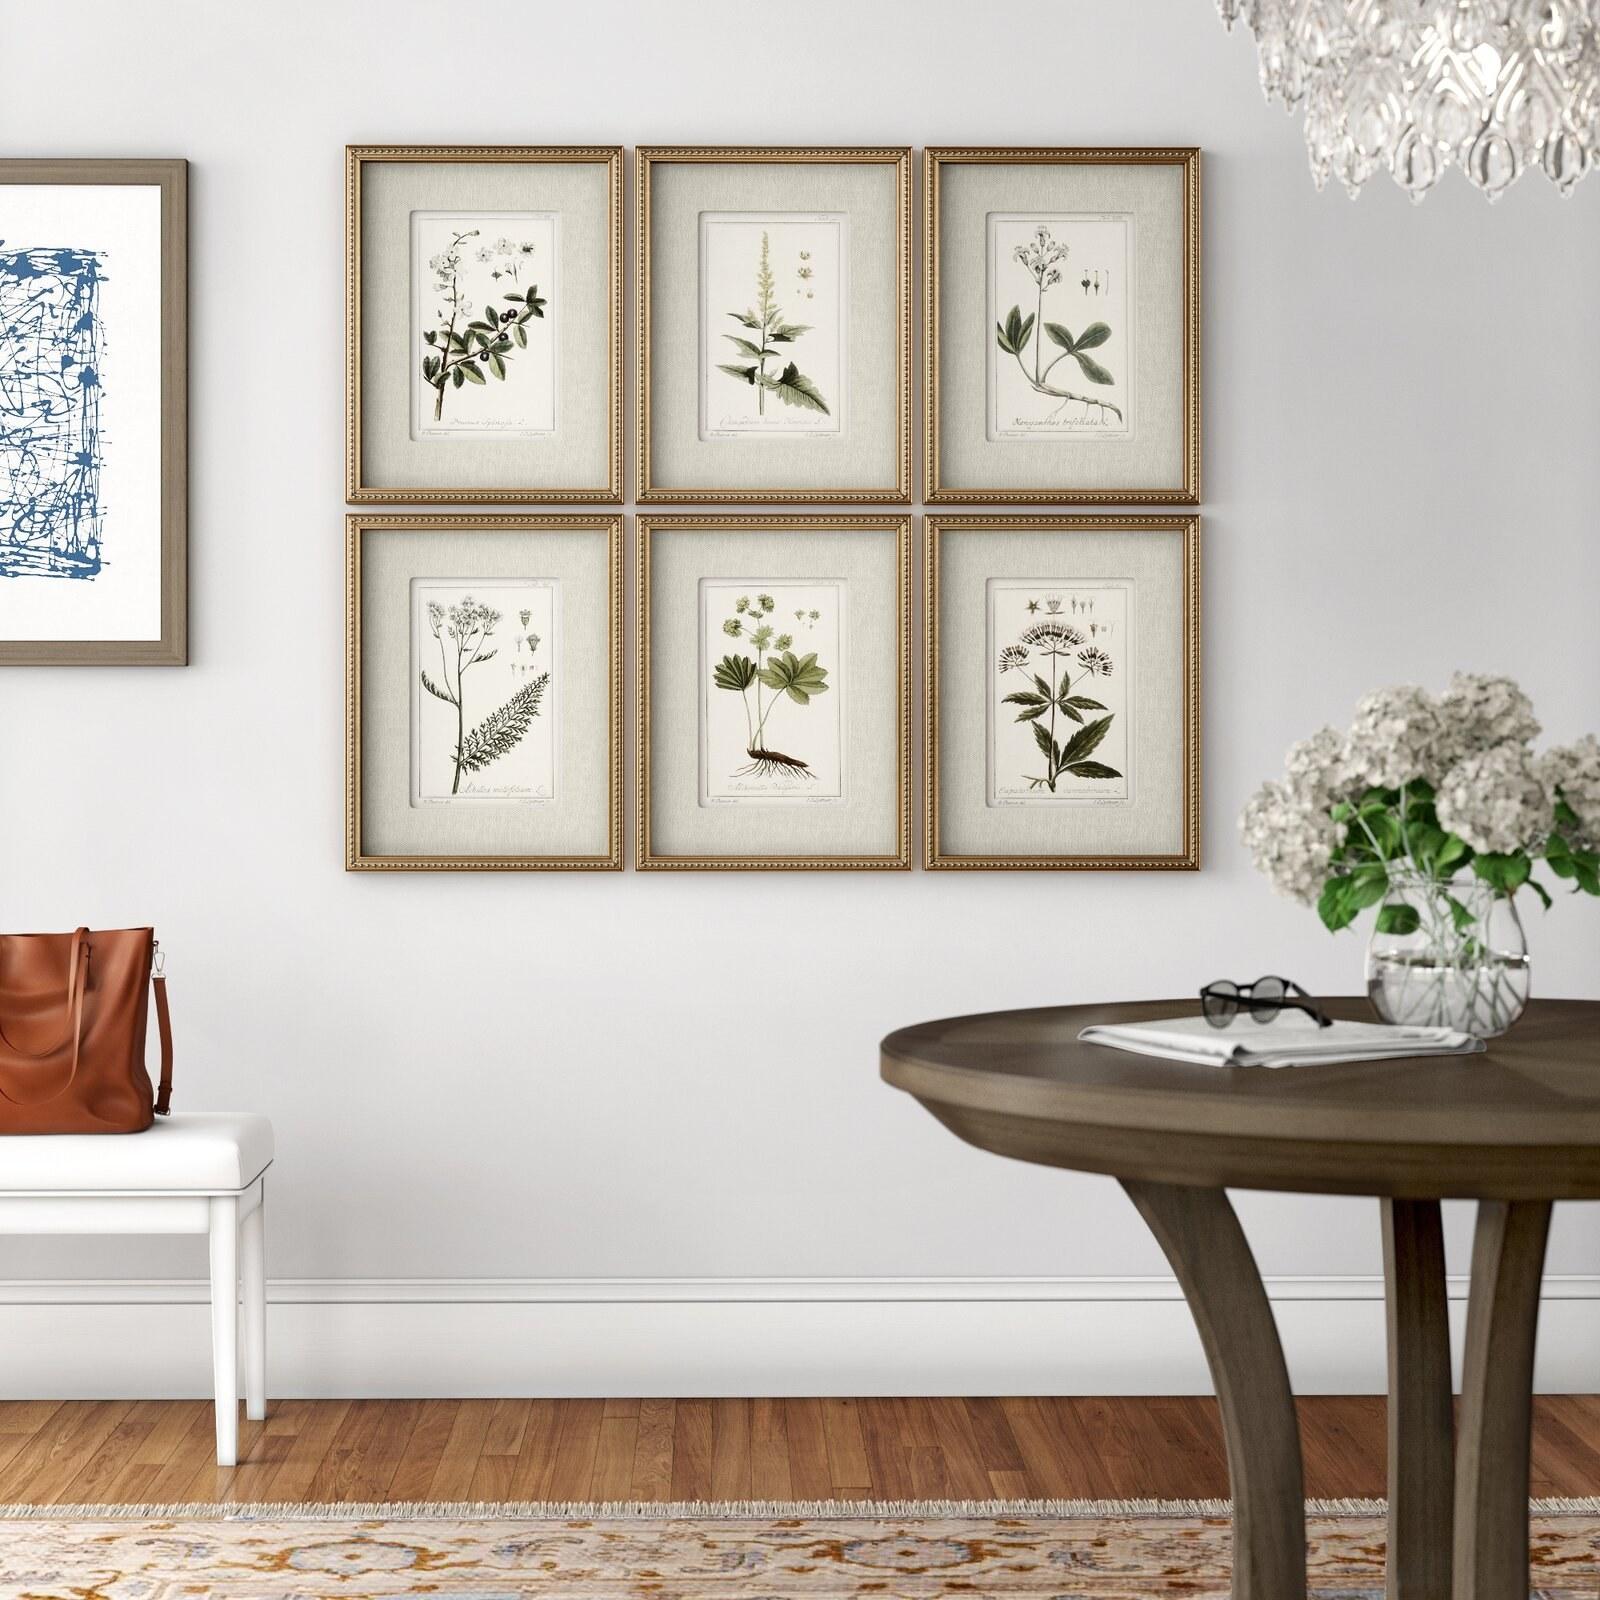 The gold-framed floral prints